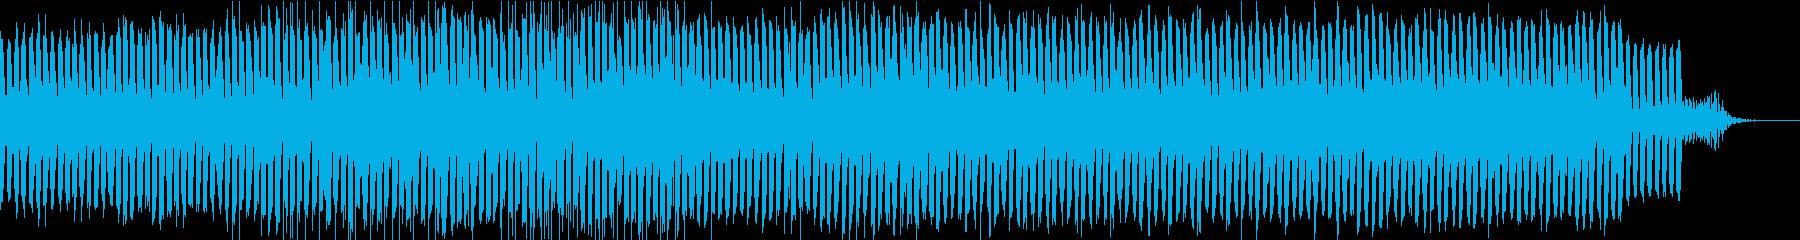 エレクトロなedmの再生済みの波形